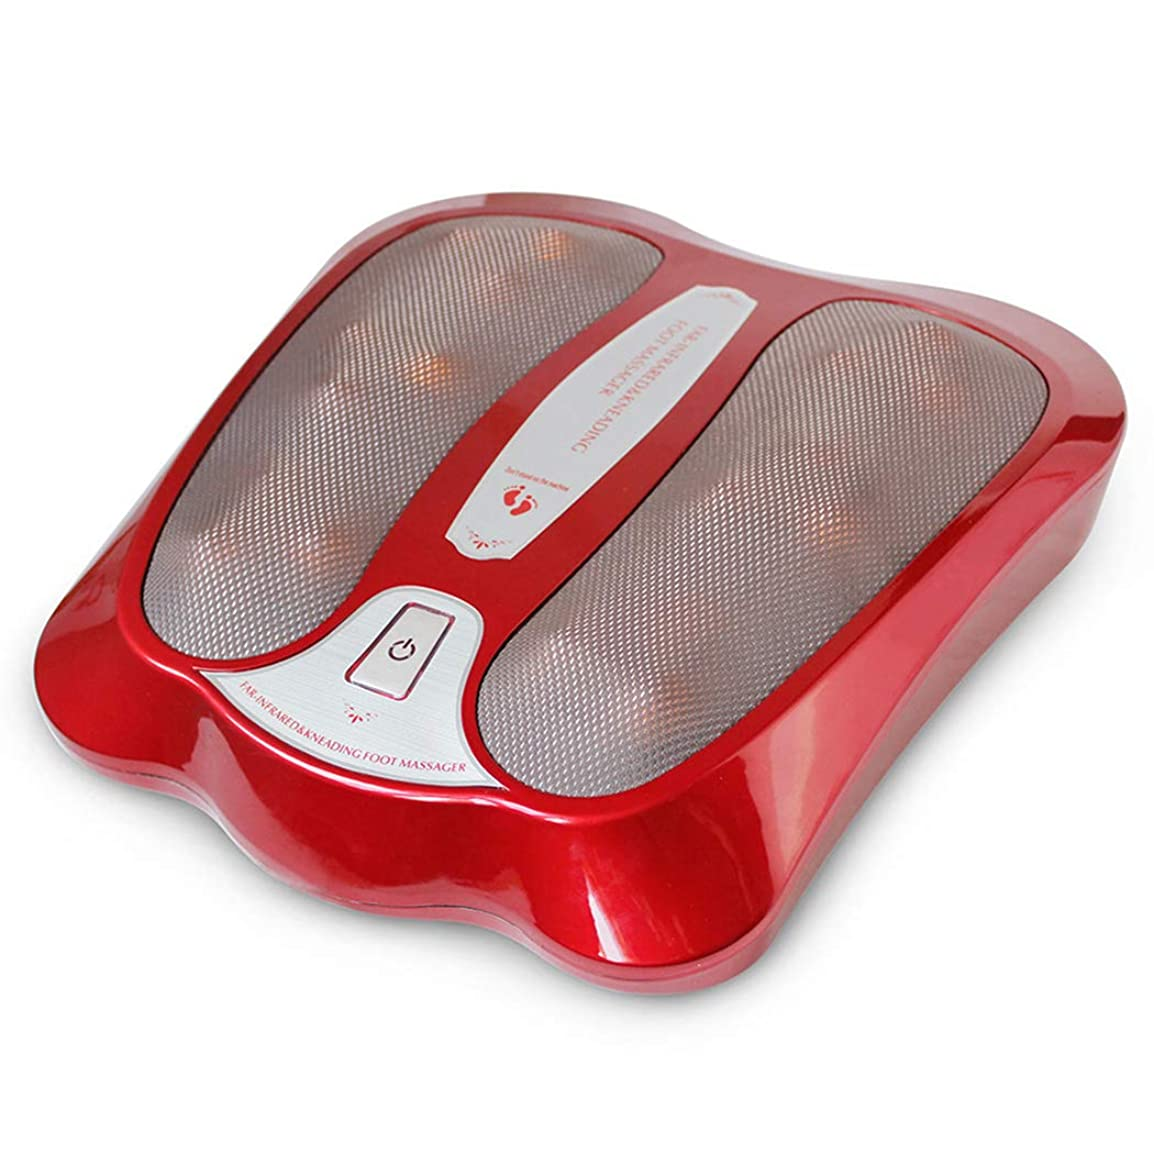 聴く素朴な第九調整可能 足のマッサージ機、ABS素材、熱を伴う足のマッサージ、家庭での、そしてオフィスでの足裏マッサージとストレス解消のための リラックス